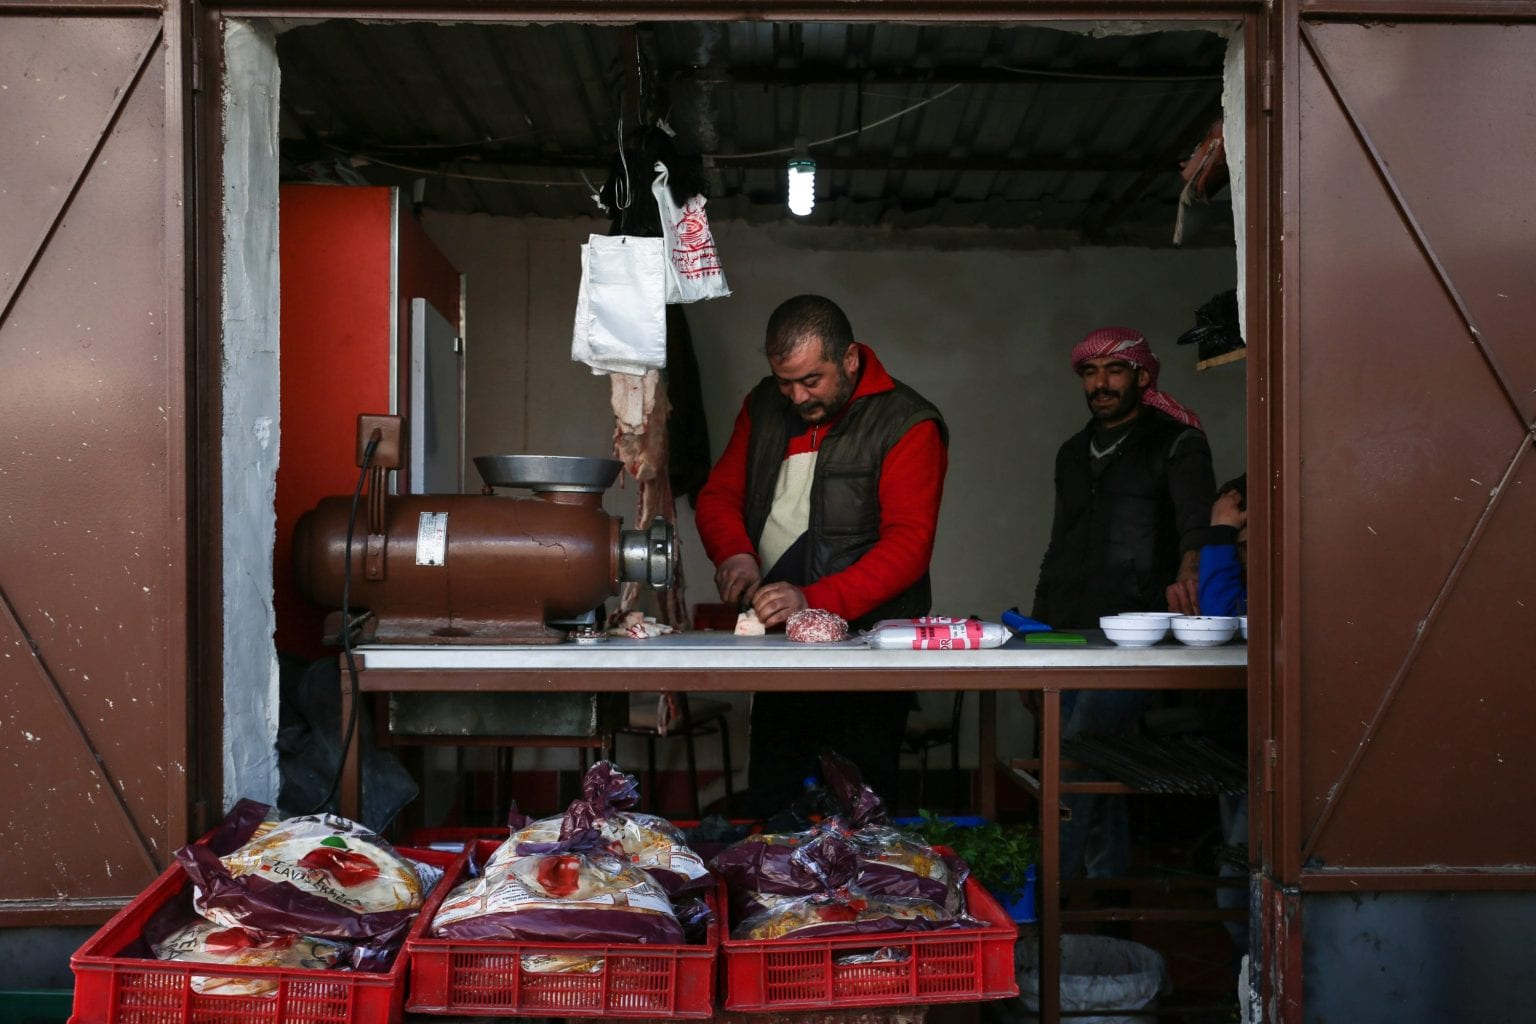 """""""Tidligere var der ingen der betalte for at krydse grænsen. I takt med at muren er blevet bygget, er det blevet dyrt at krydse, og fordi det er blevet sværere, er det kun ved hjælp af smuglere man kan komme over"""", siger Samir Abbadi, en syrisk mand som i dag bor i Tyrkiet, hvor han driver en lille slagter i Kilis nær den syriske grænse. Foto: Maya Hautefeuille"""